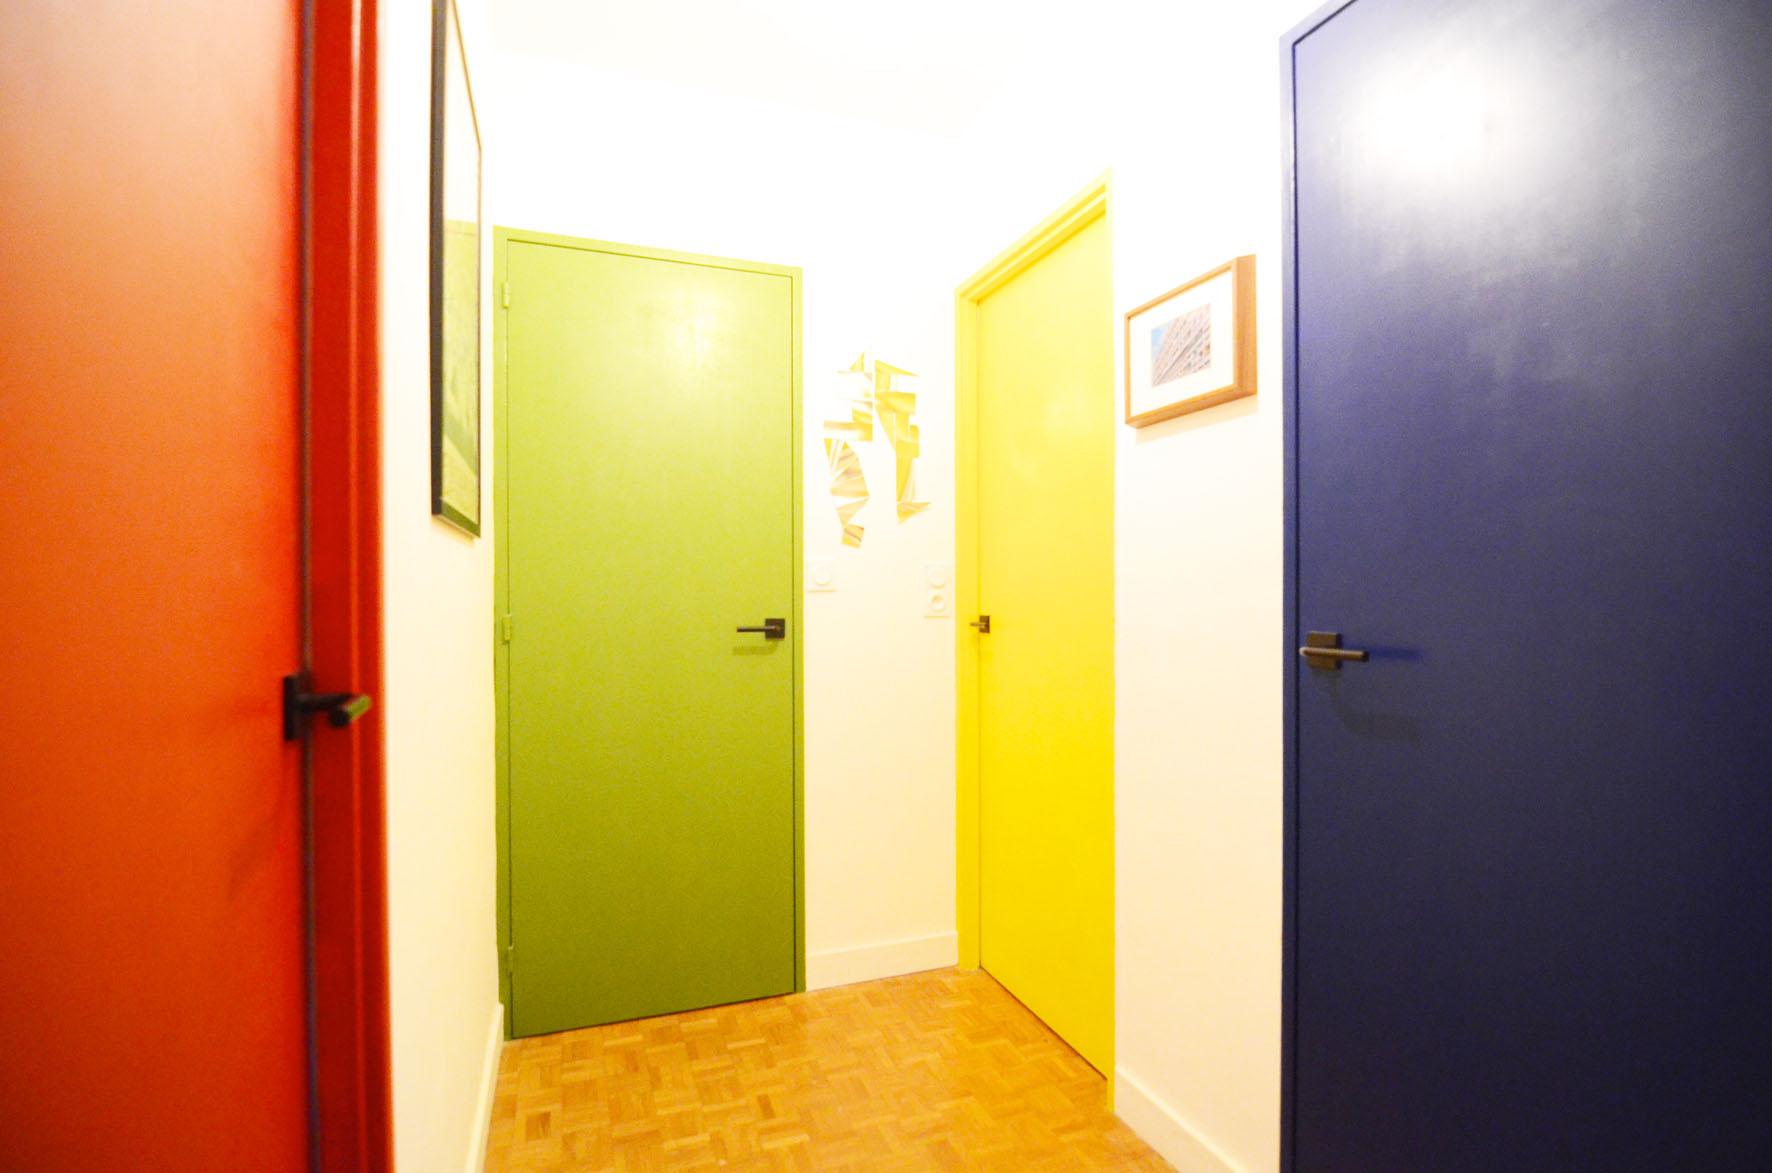 Le corbusier dans mon couloir design 18 bienvenue chez - Porte peinte en deux couleurs ...